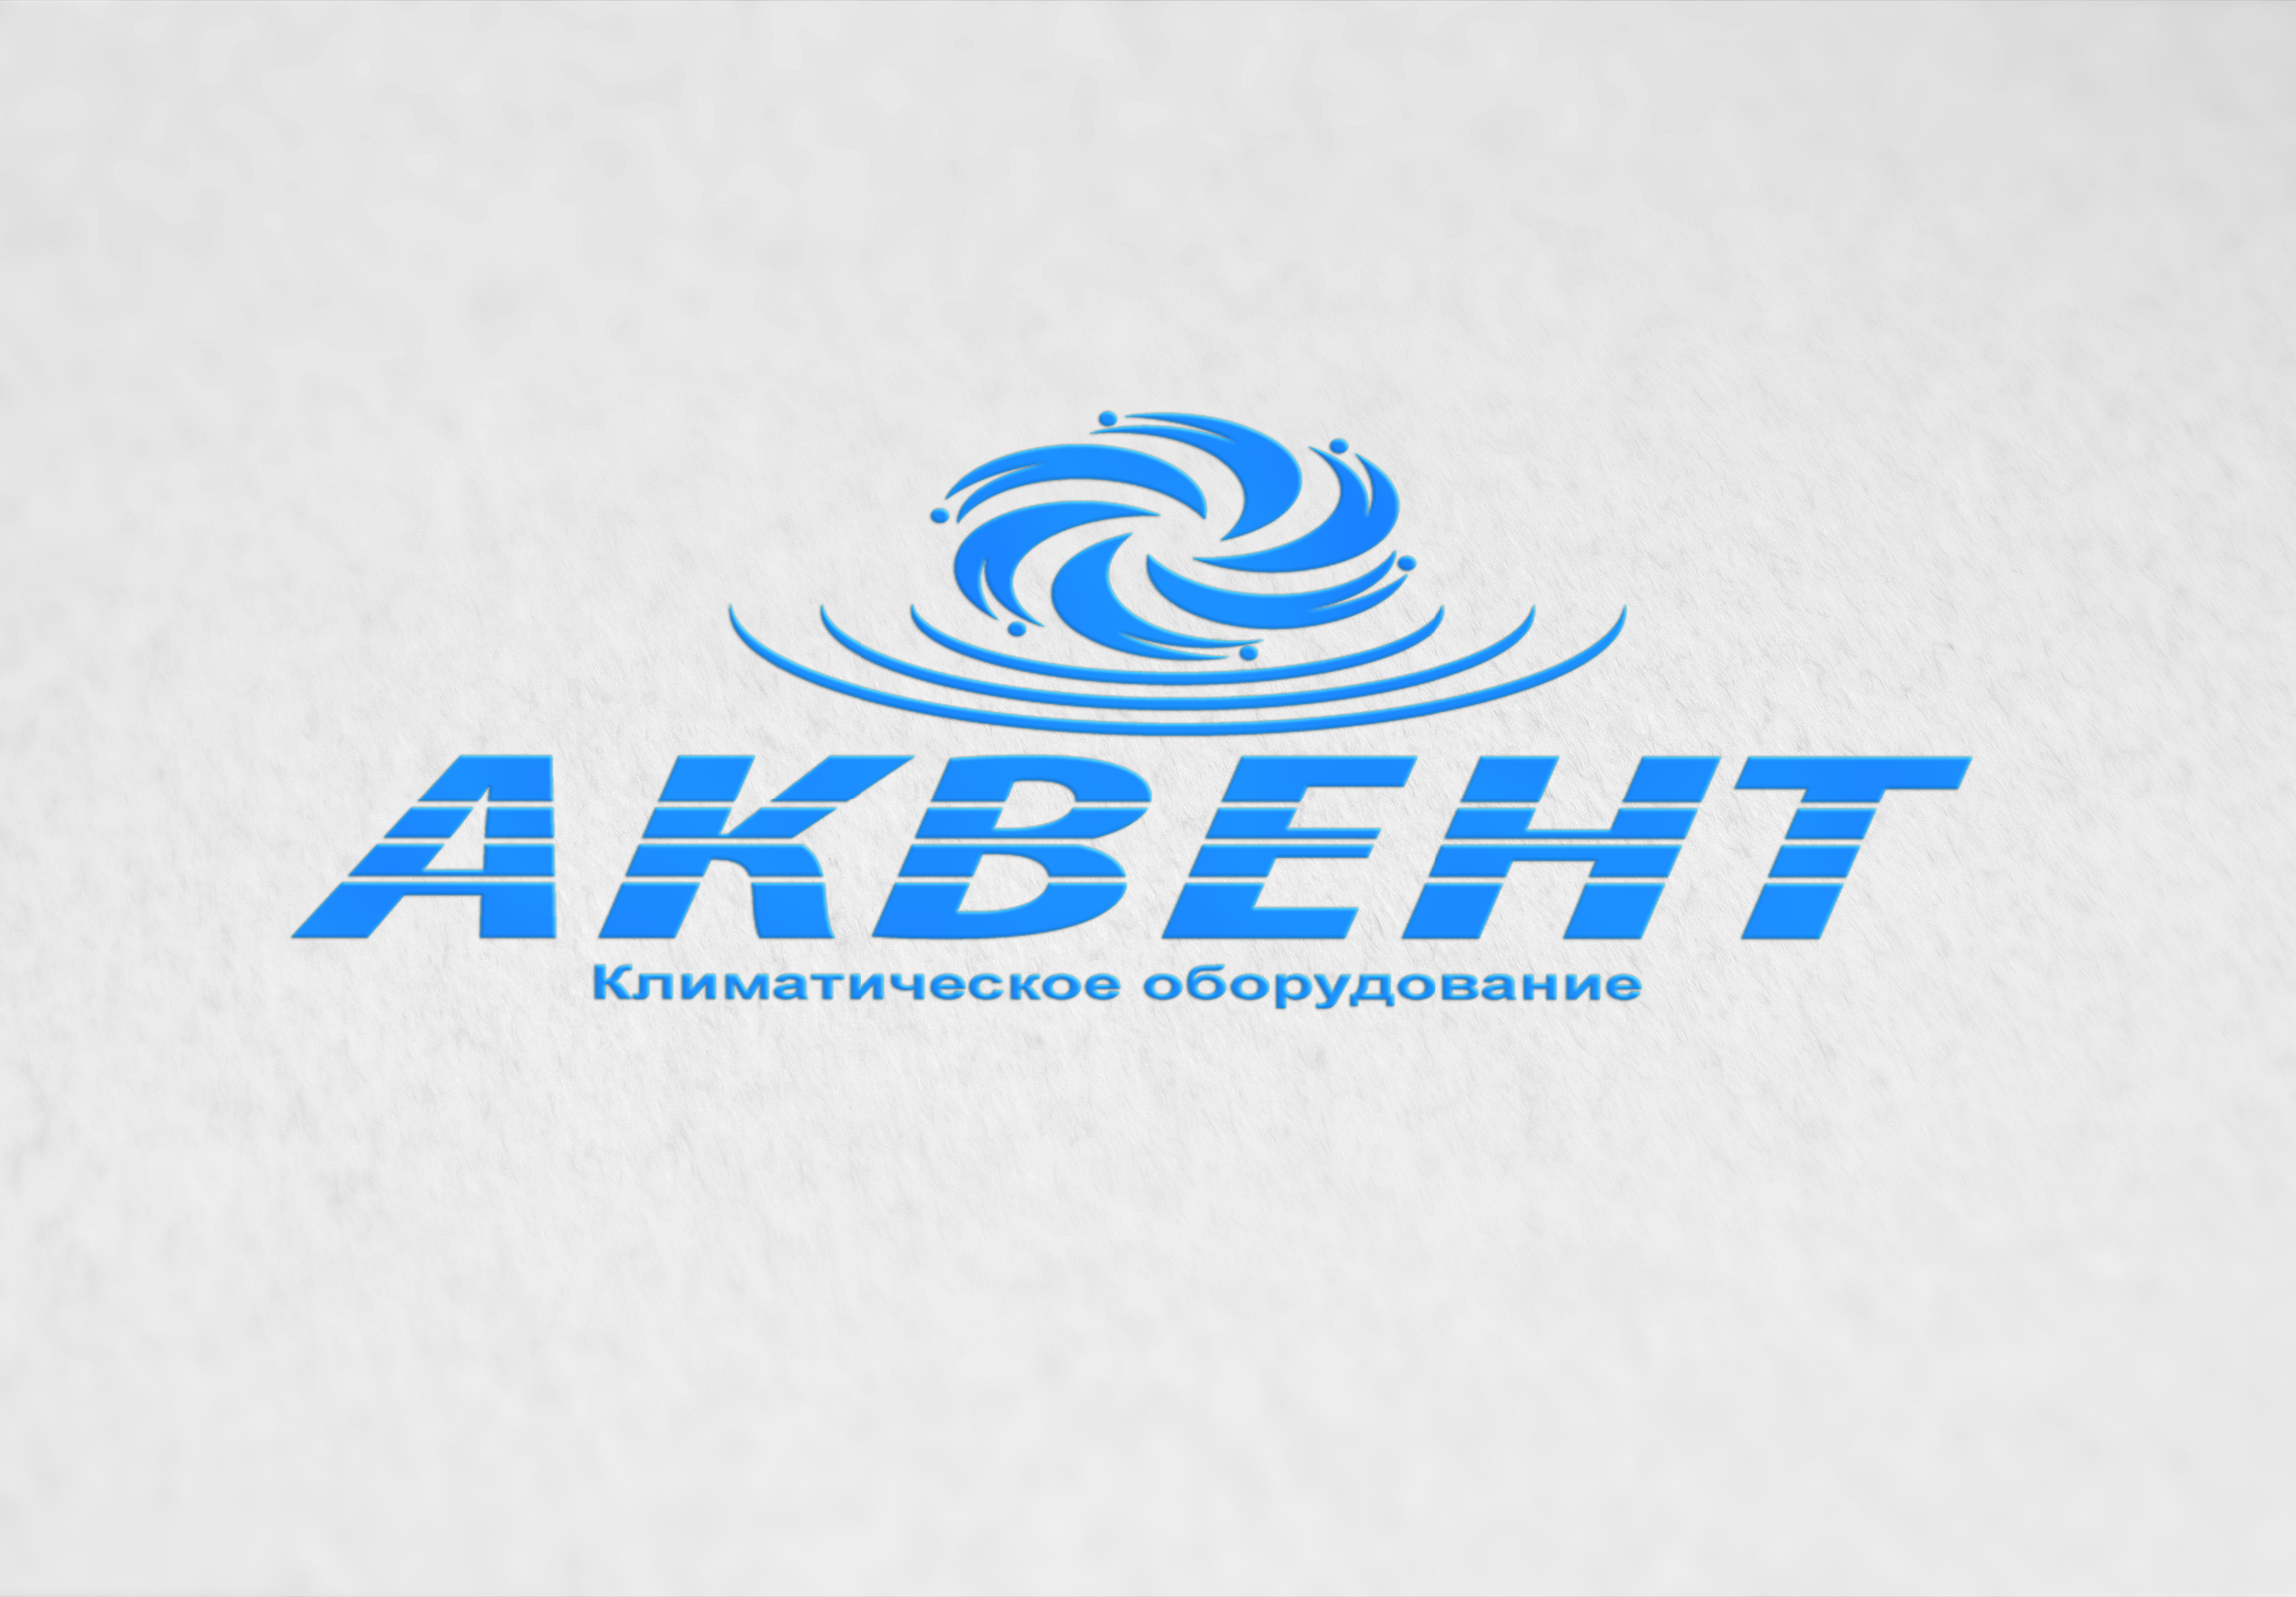 Логотип AQVENT фото f_875527cc7a76eba7.jpg